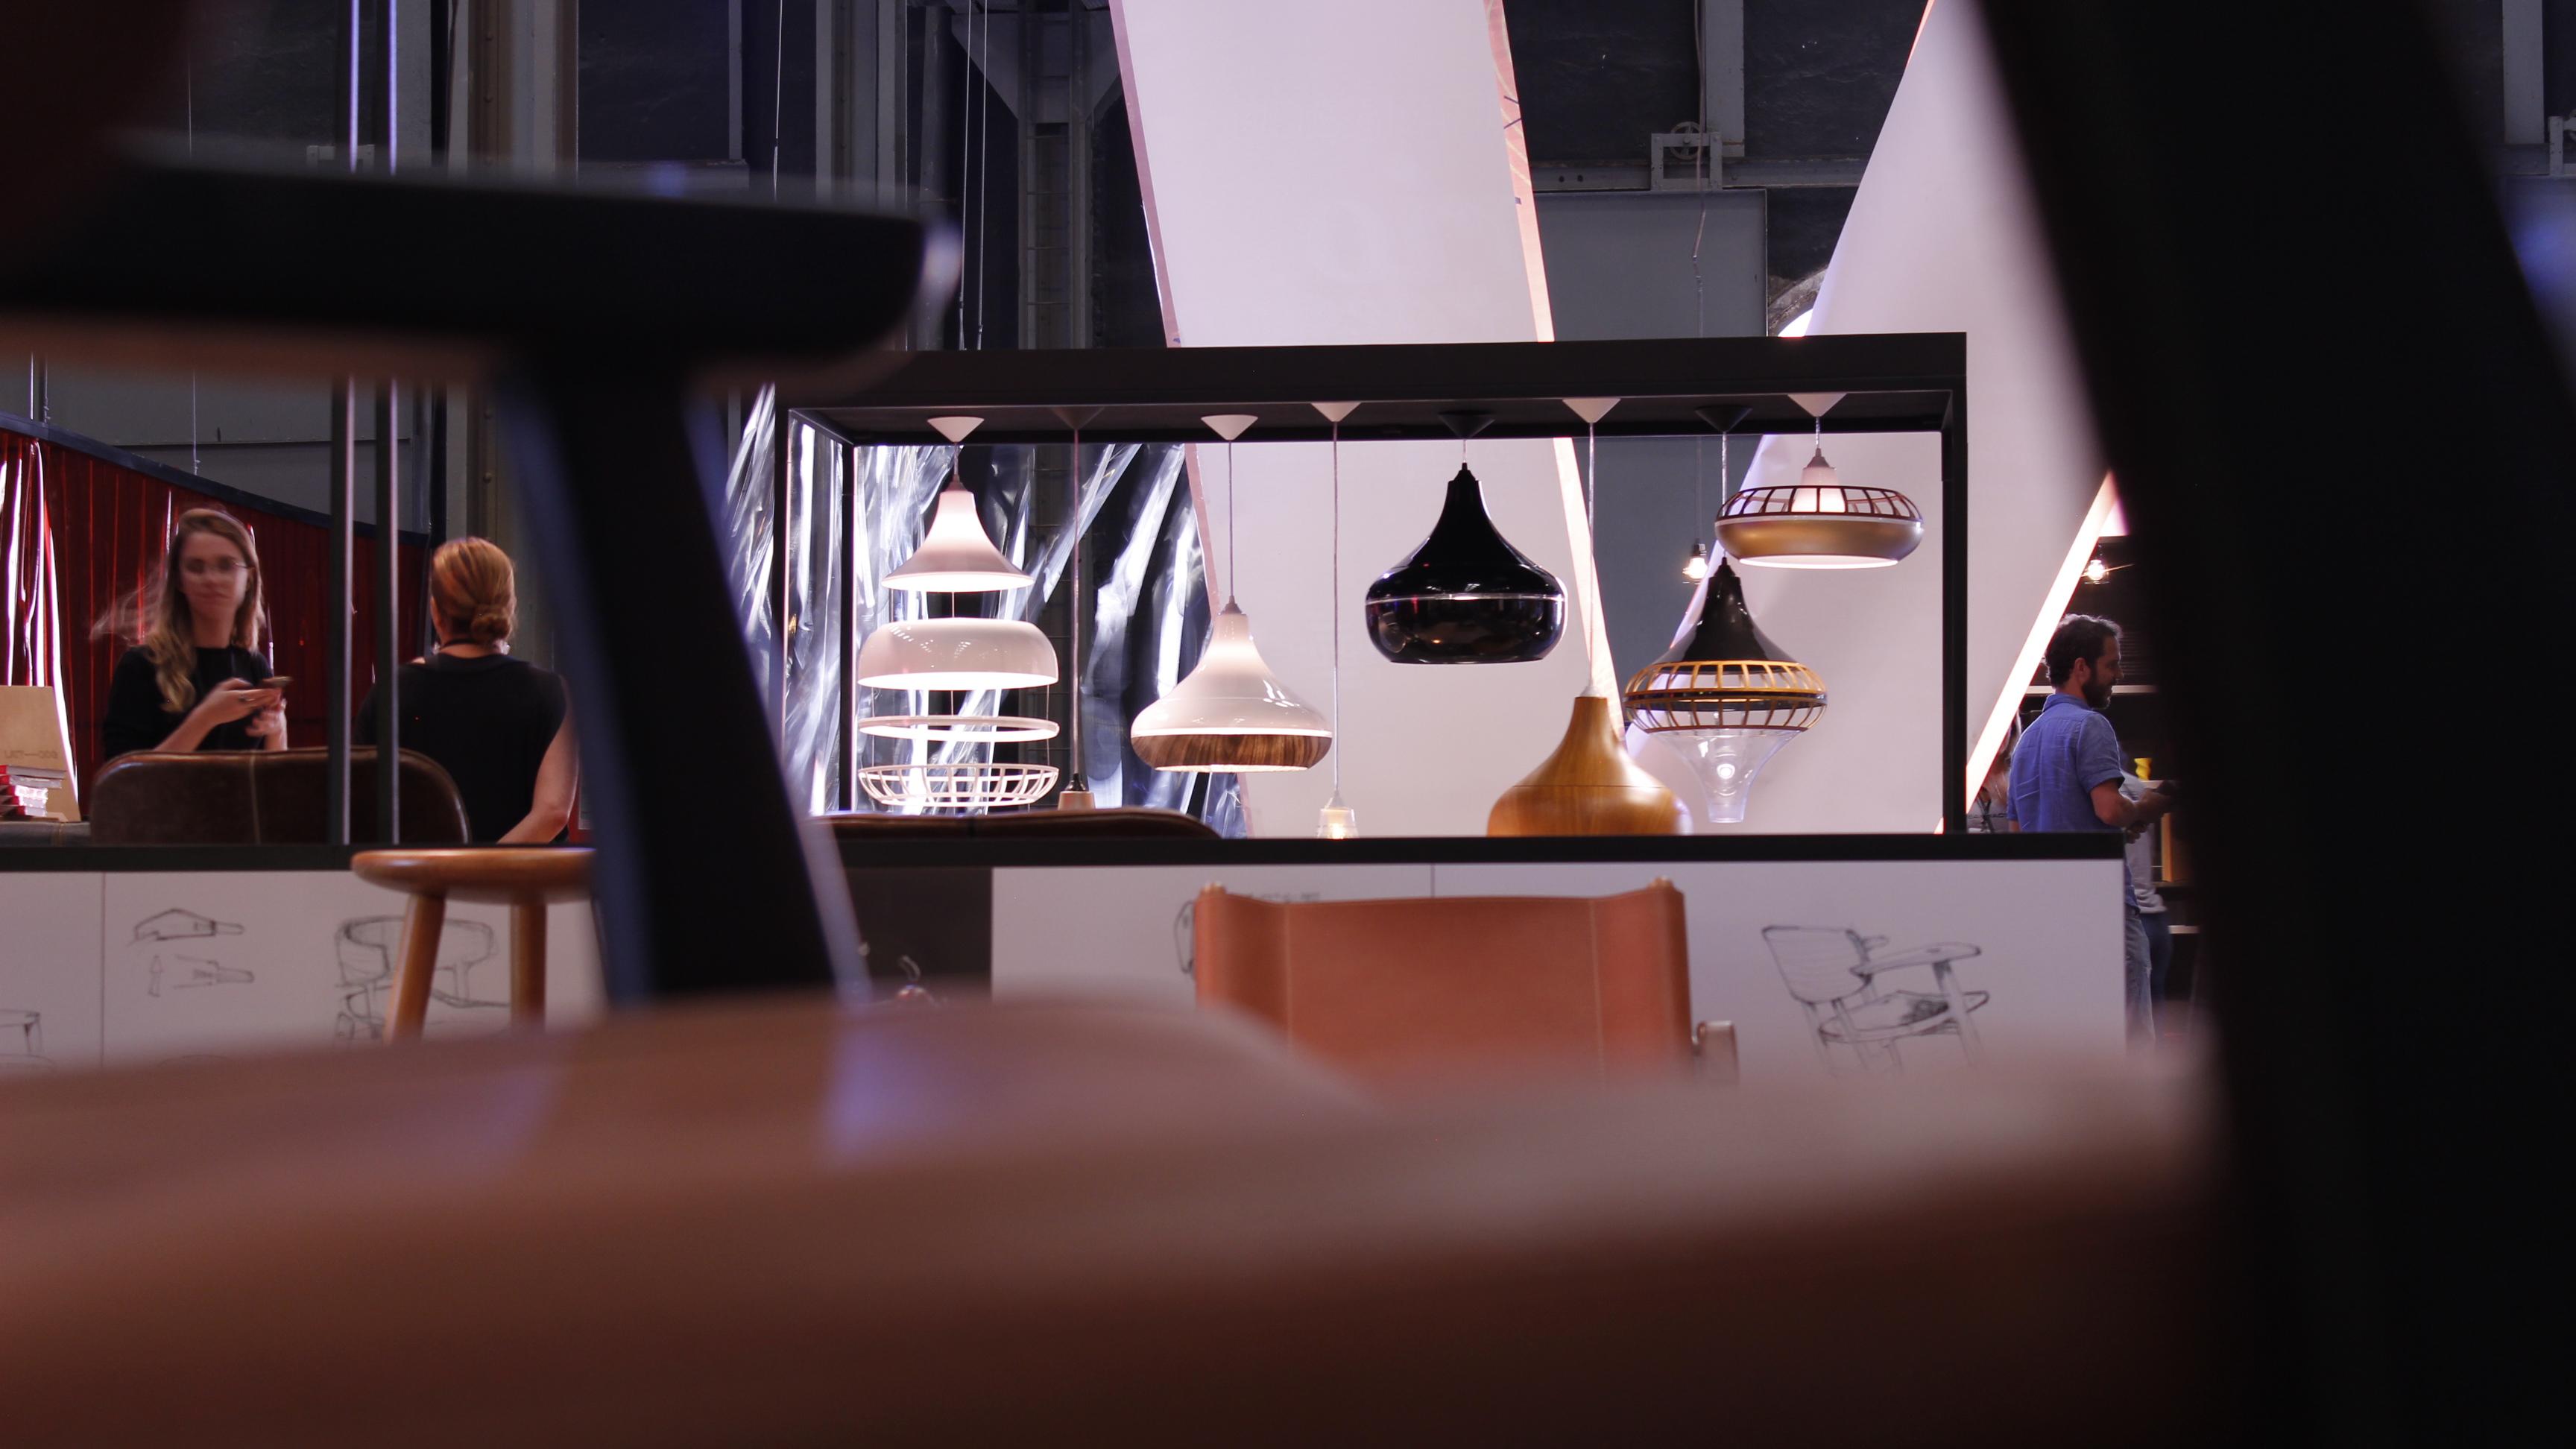 ventilador de teto Spirit - Blog Myspirit - luminárias Spirit Combine - Semana Design Rio 2017